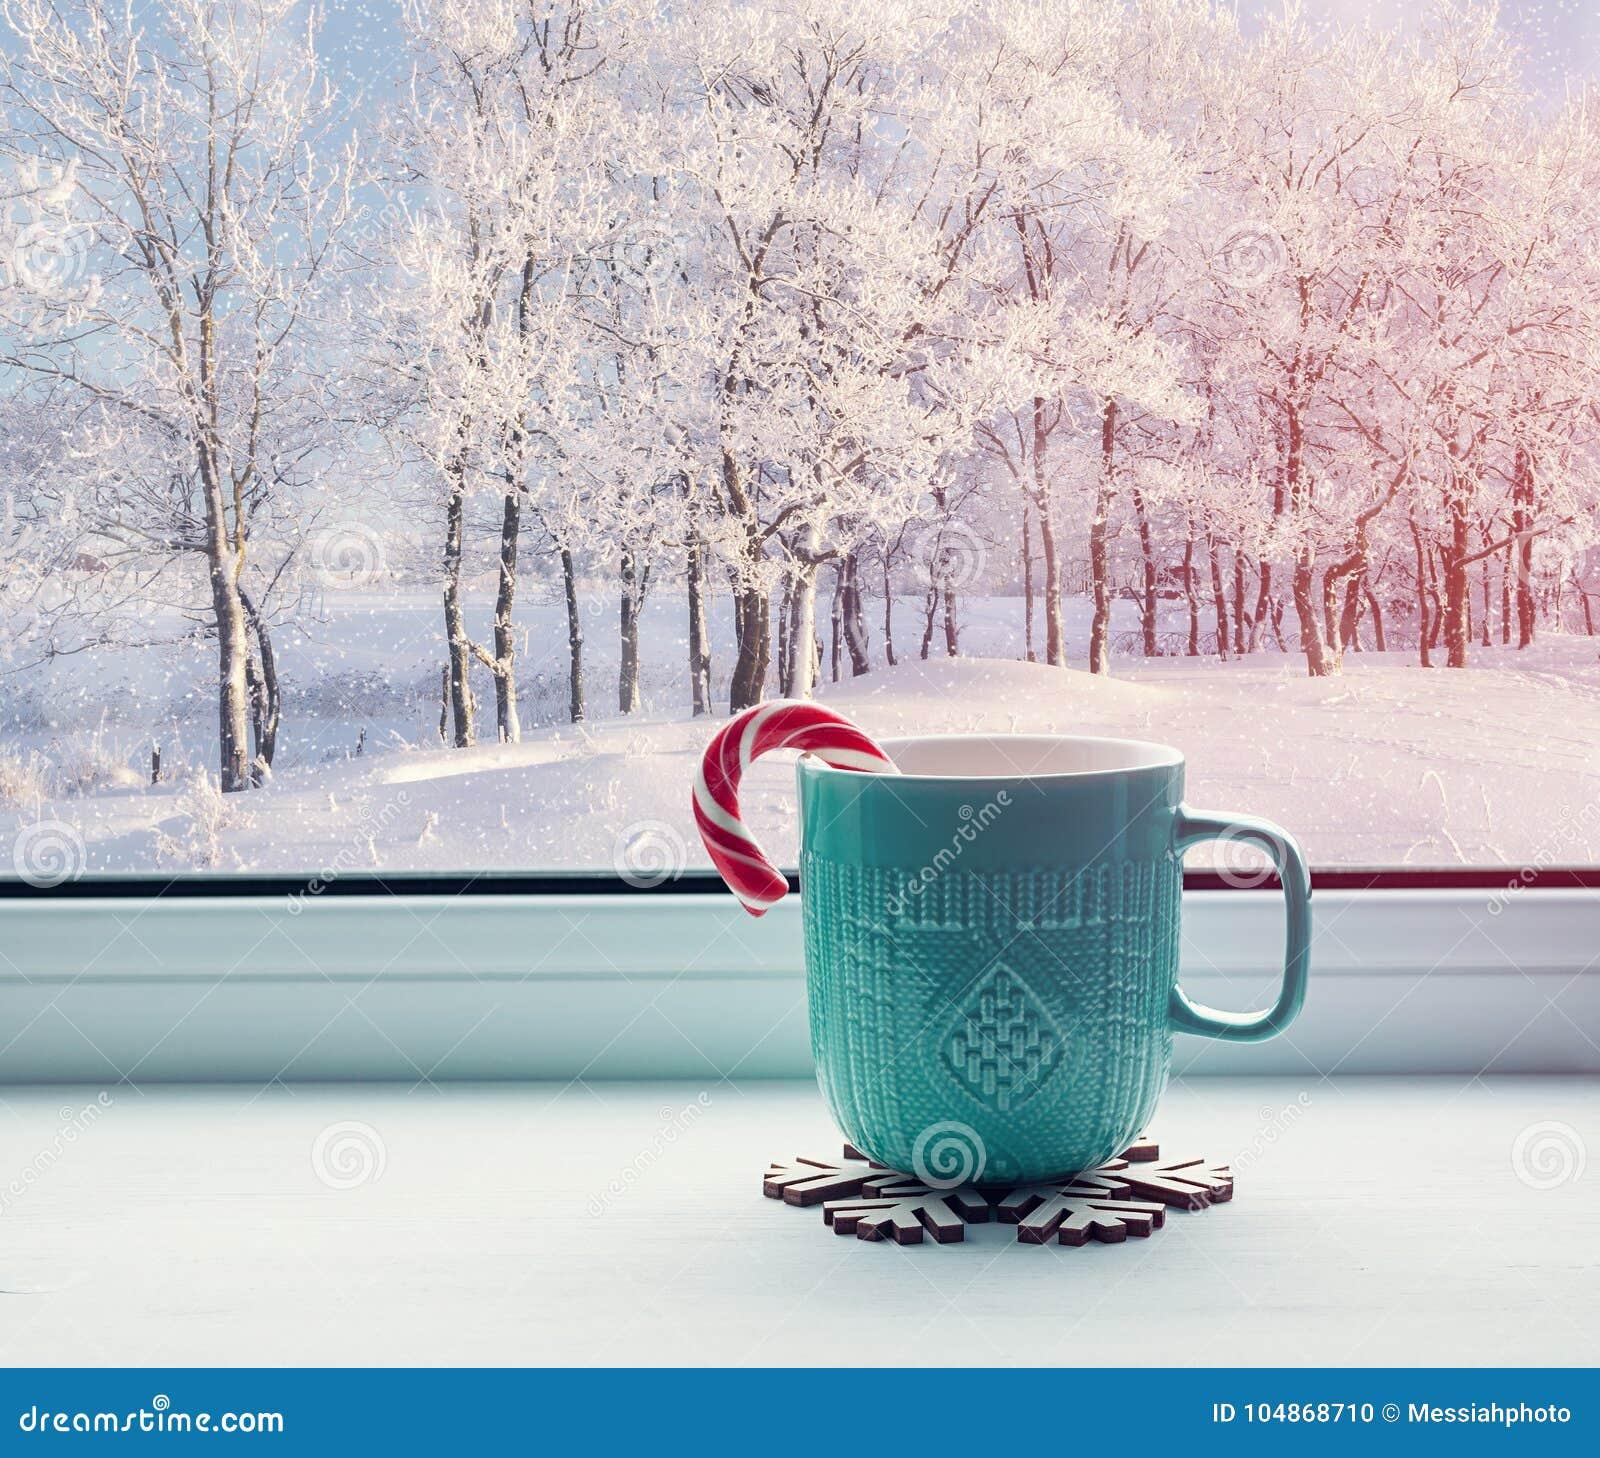 冬天背景-有棒棒糖的杯子在户外窗台和冬天森林